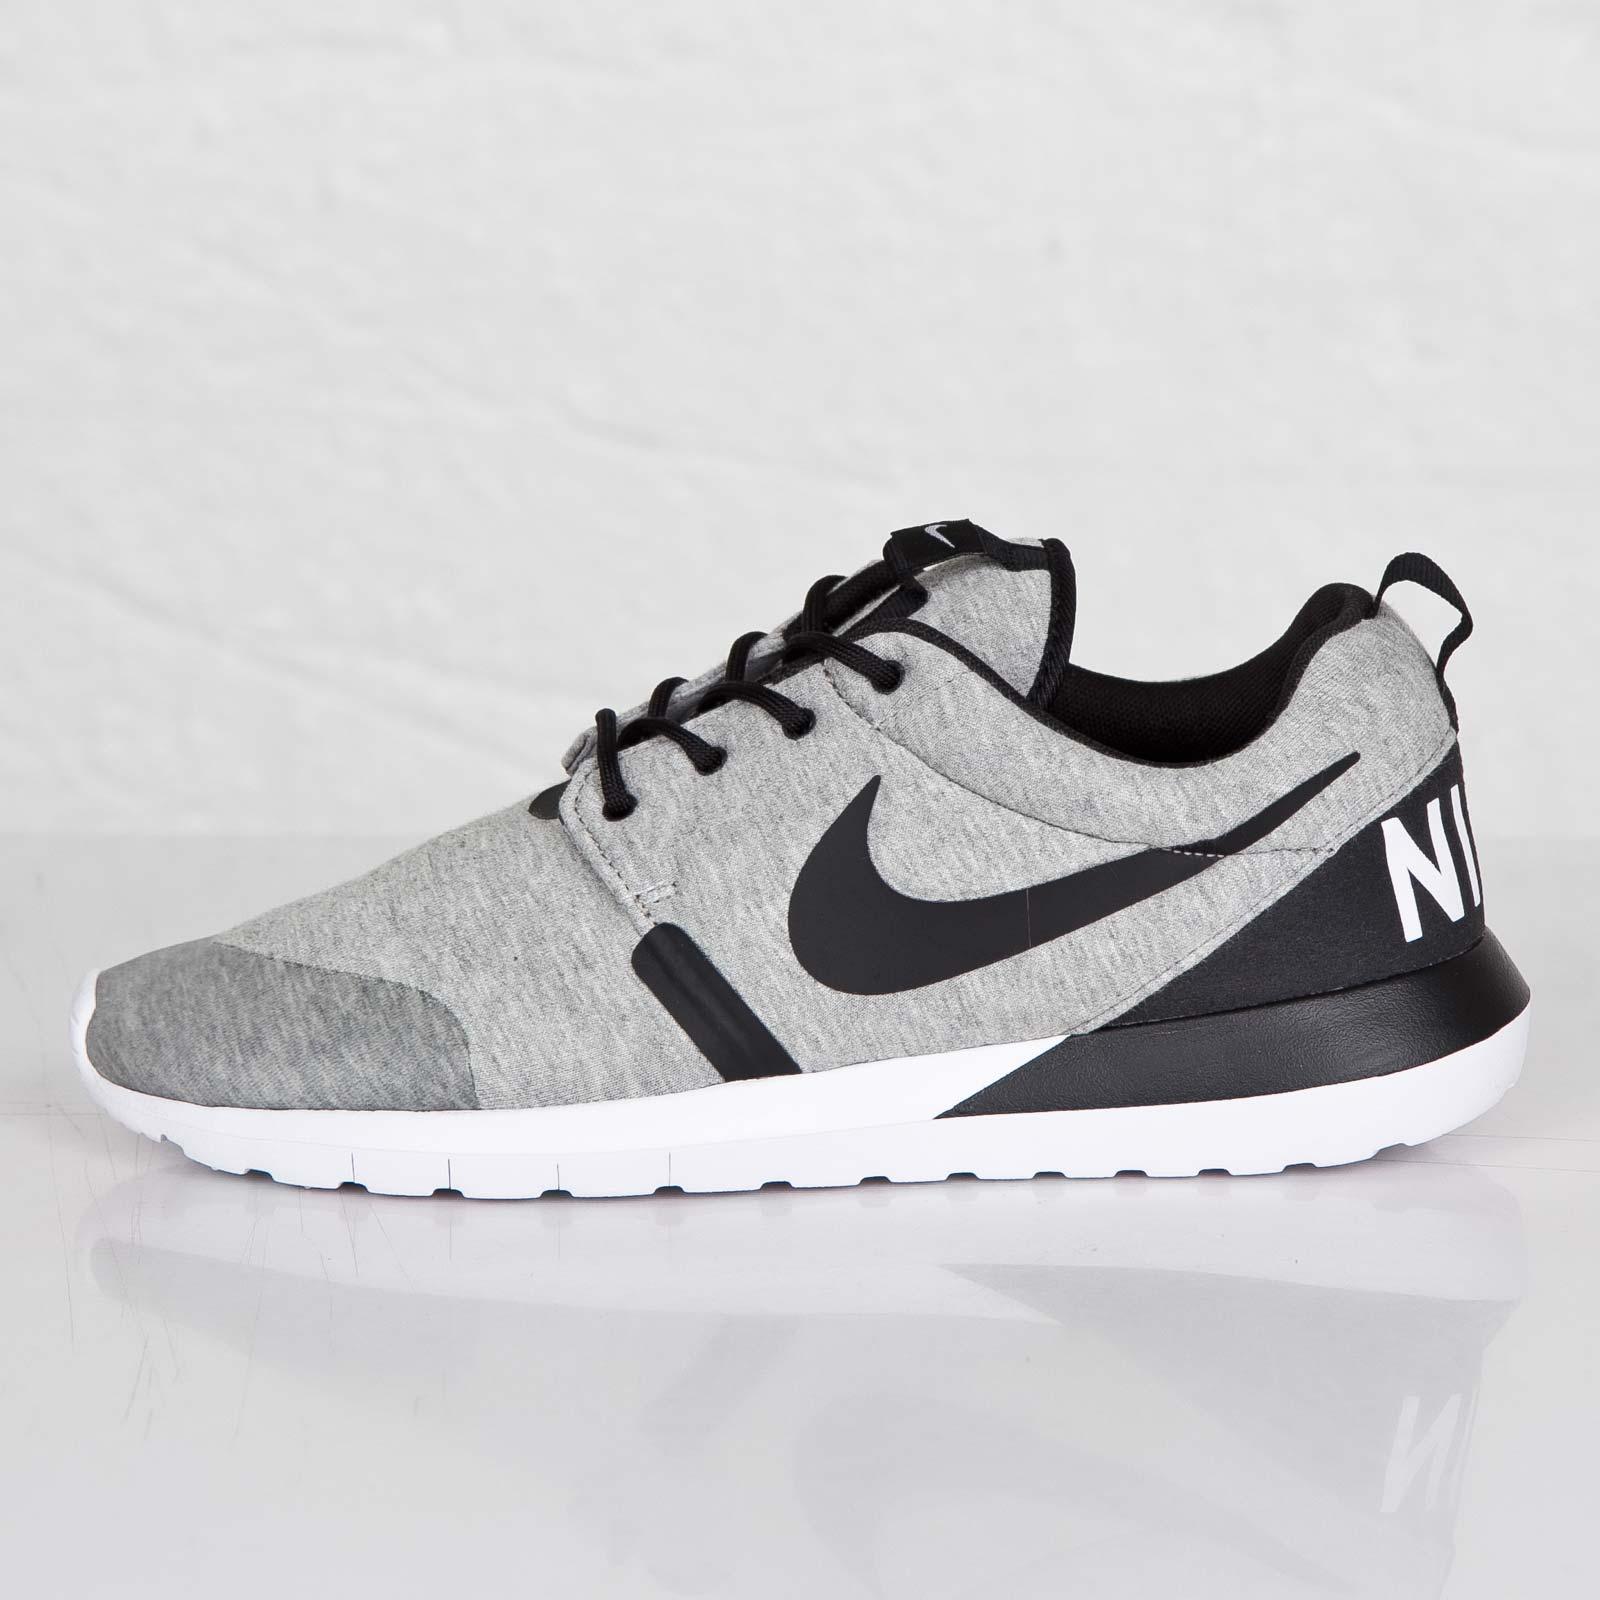 841589896ef17 Nike Rosherun NM W SP - 652804-019 - Sneakersnstuff